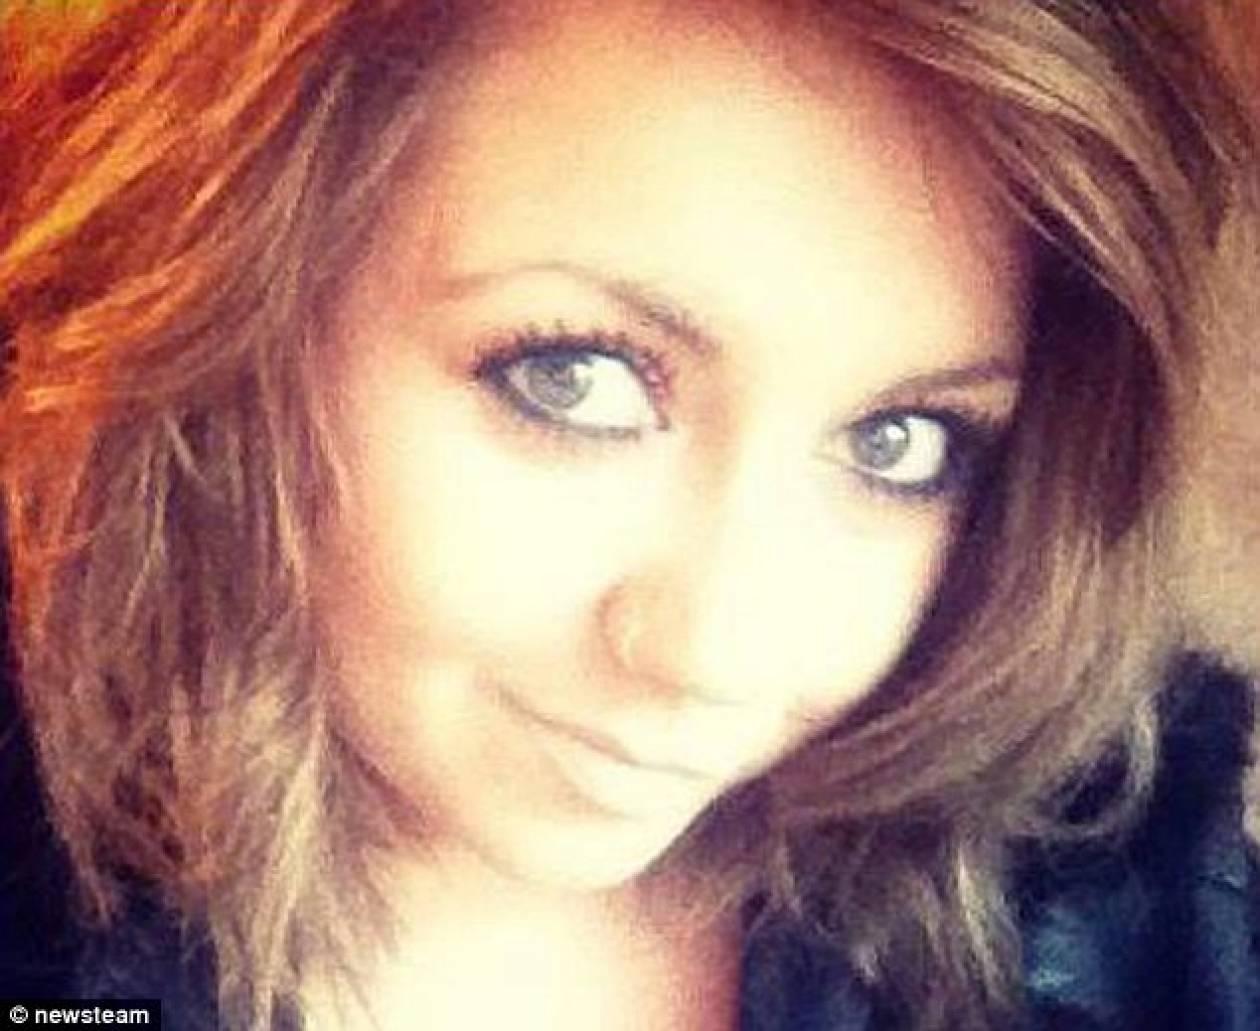 Δραματικό: Νεαρή φοιτήτρια πέθανε μόλις μπήκε σε ένα μπαρ